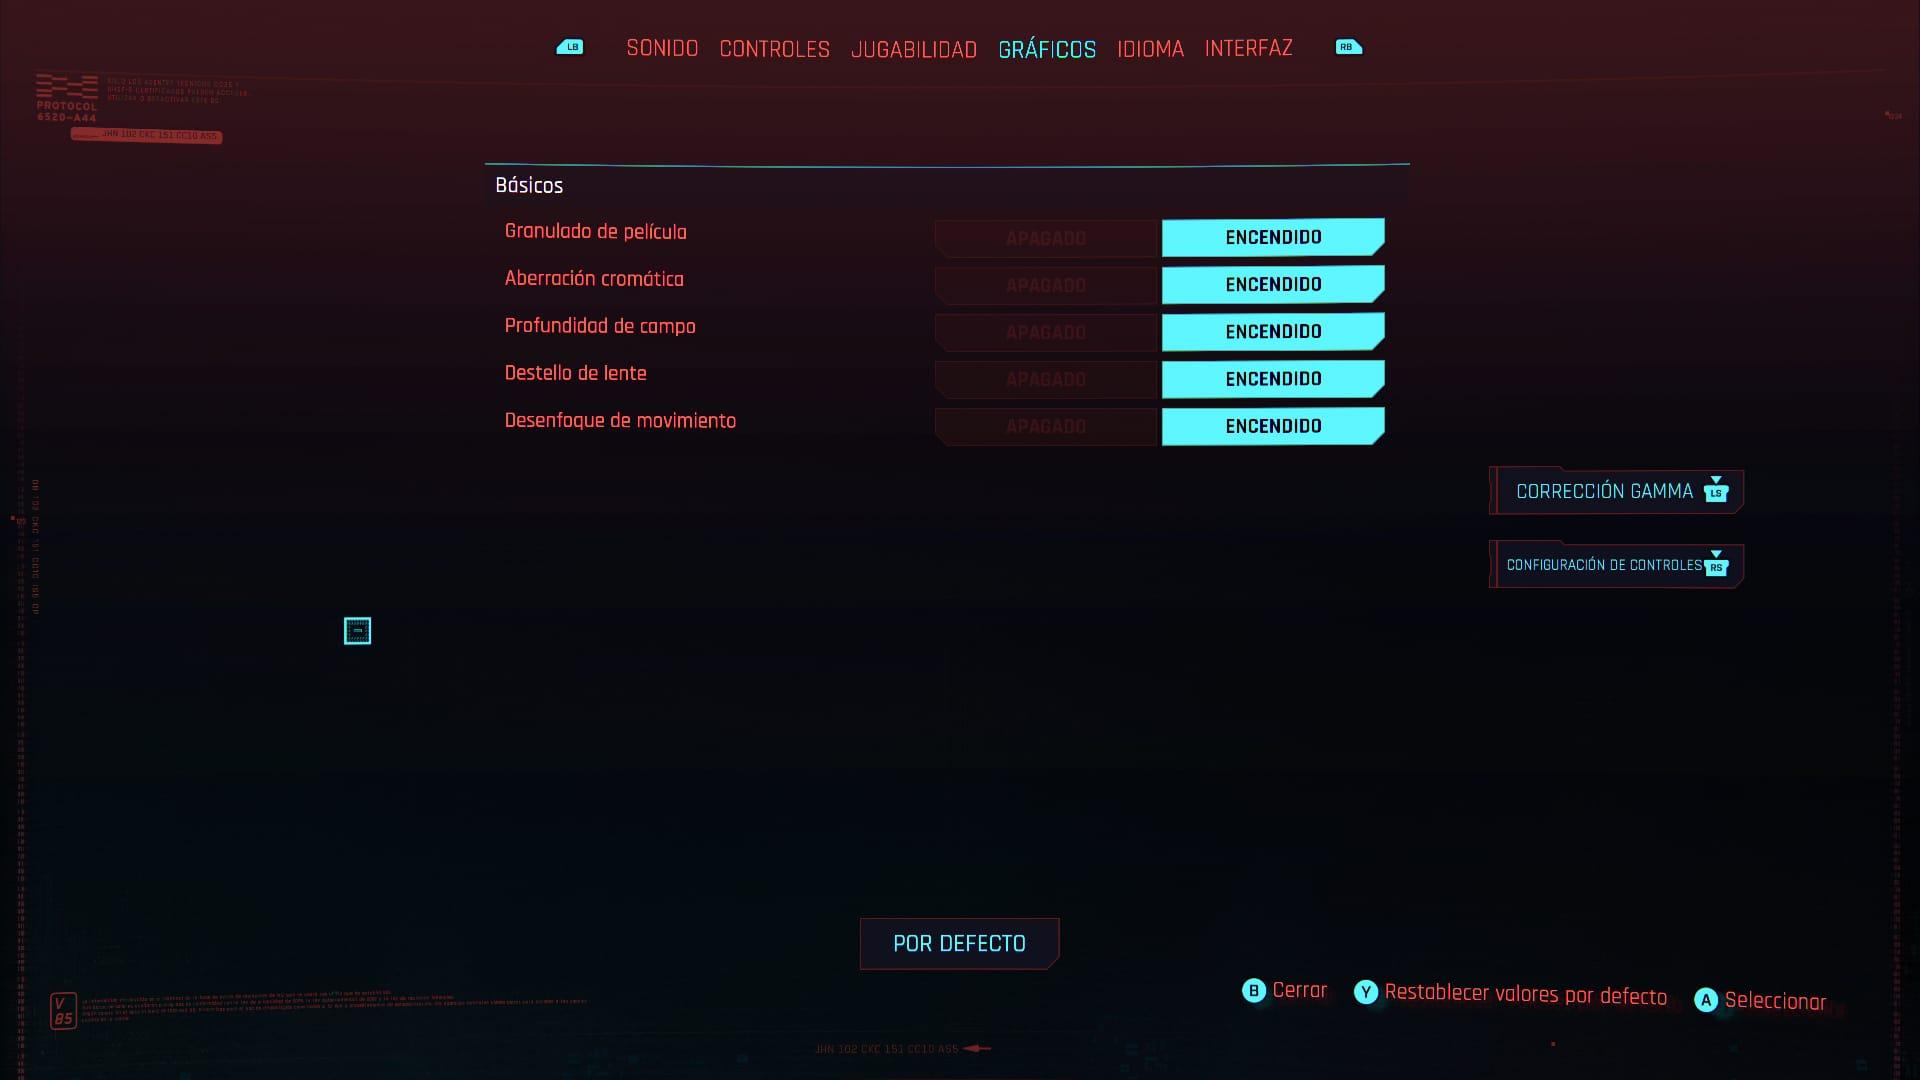 La versión de Cyberpunk 2077 de Xbox Series X es única gracias al Smart Delivery - La versión de Xbox One X es la base de la de Xbox Series X, pero Cyberpunk 2077 es diferente en esta última.